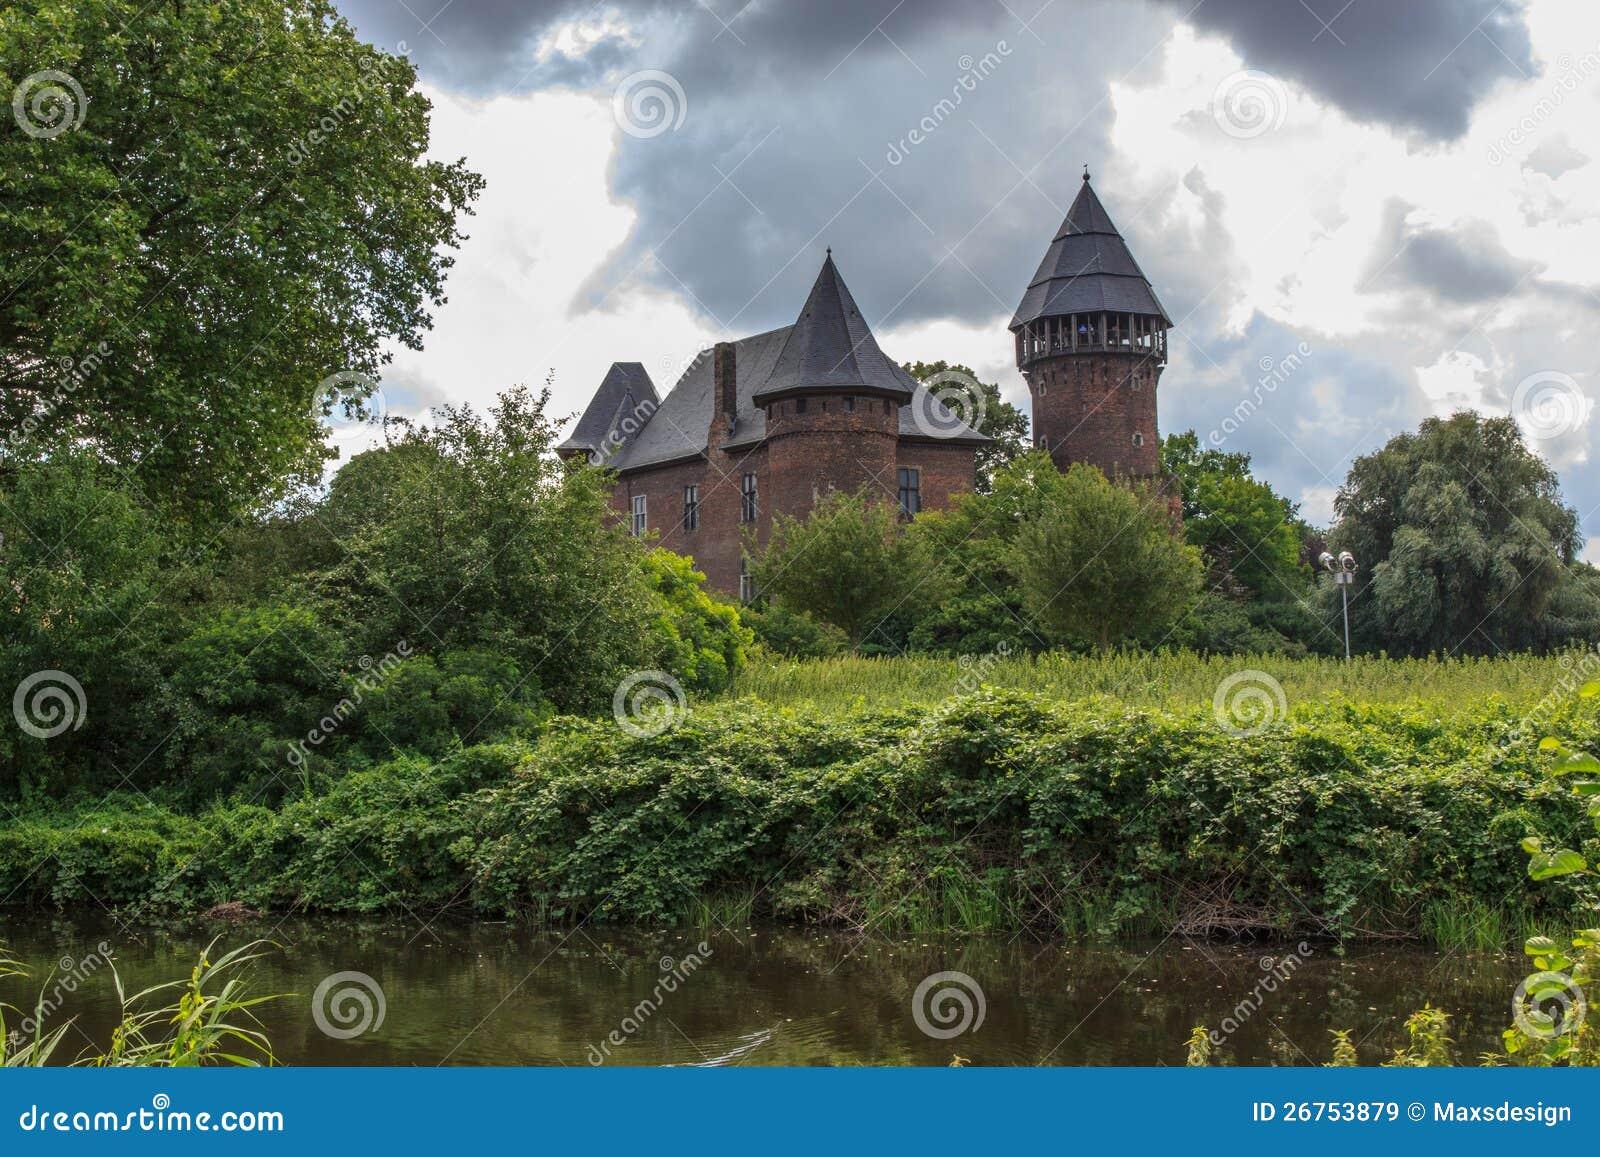 Castelo de Linn do Burg